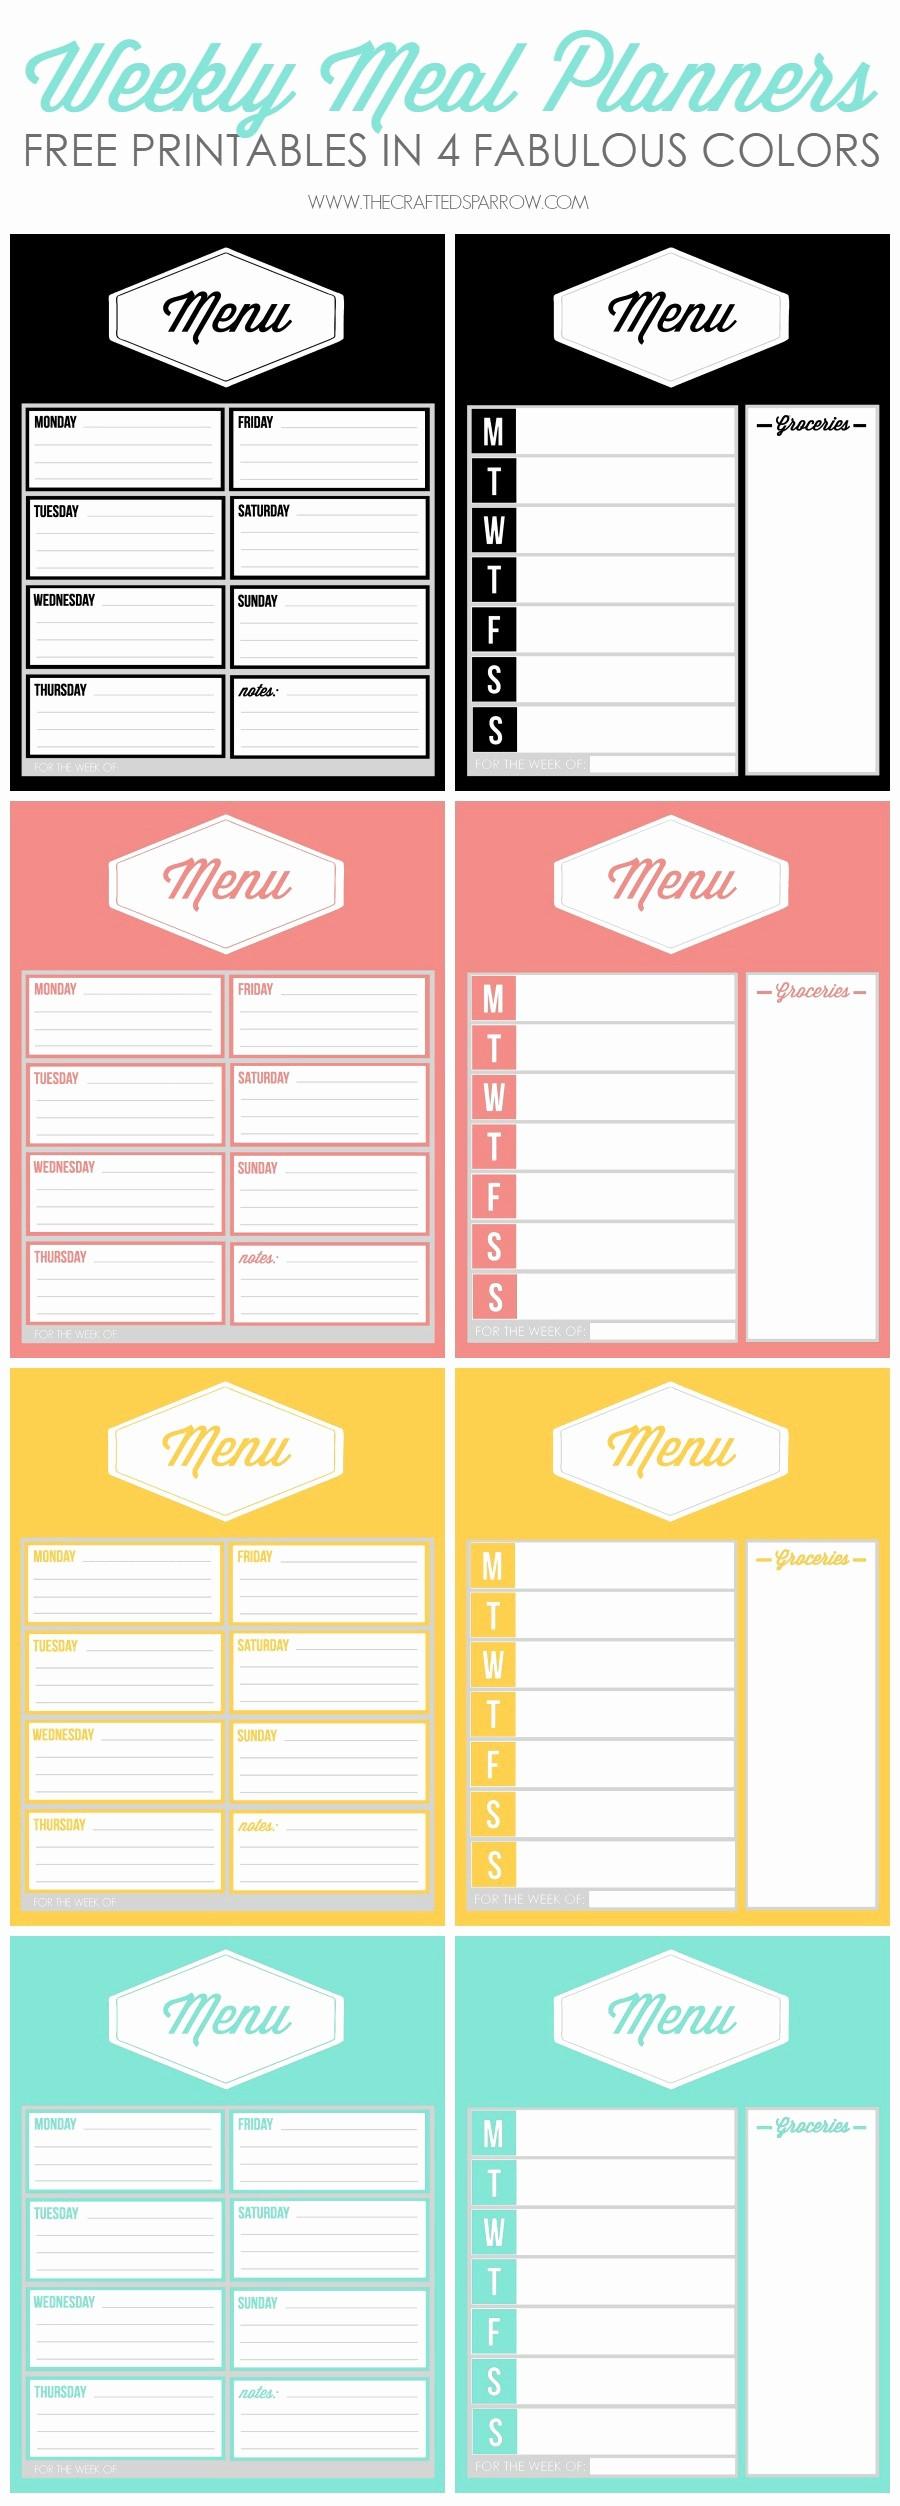 Weekly Meal Planning Template Free Elegant Free Printable Weekly Meal Planners